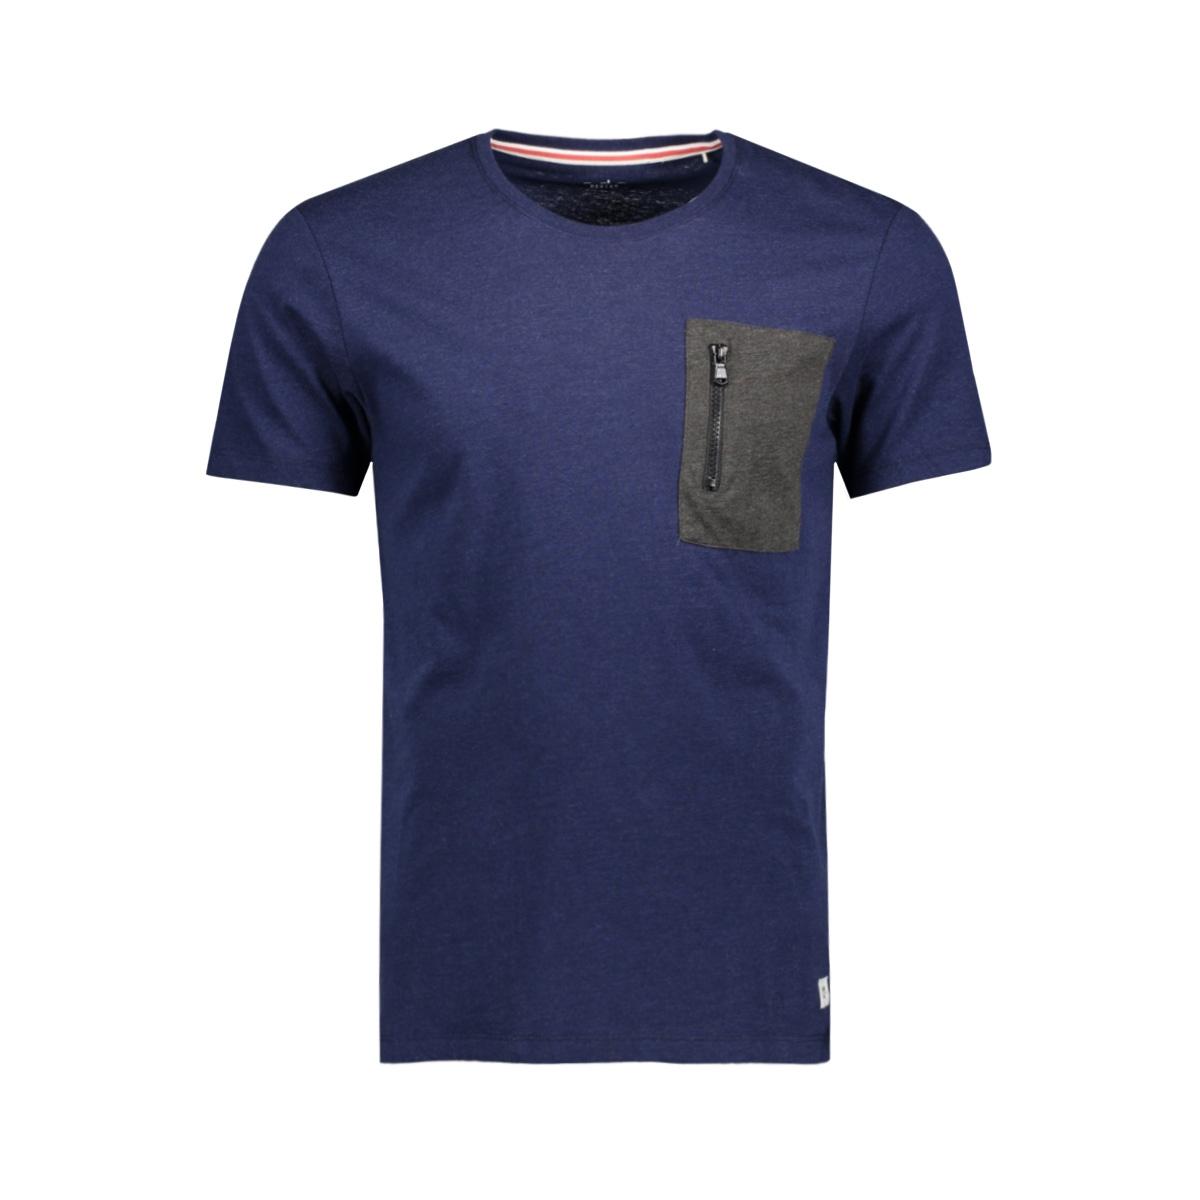 087cc2k027 edc t-shirt c400